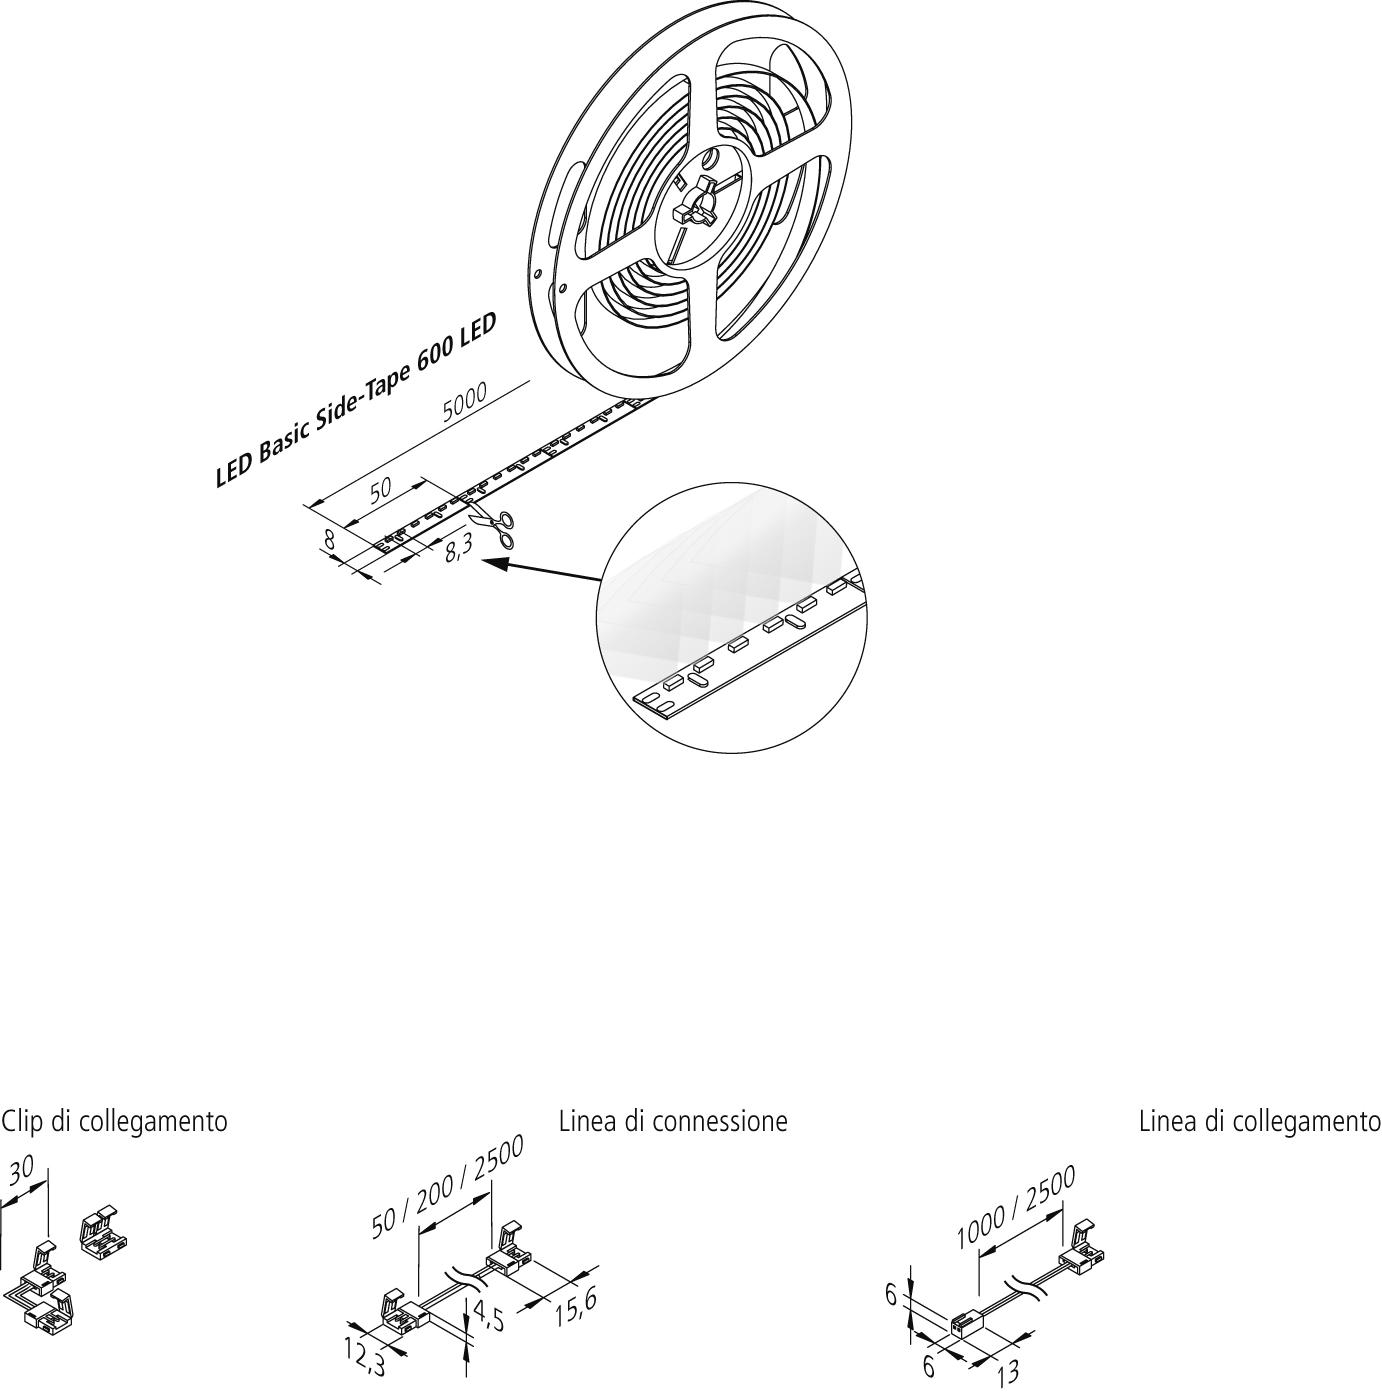 Anteprima: LED-Basic-Side-Tape_it